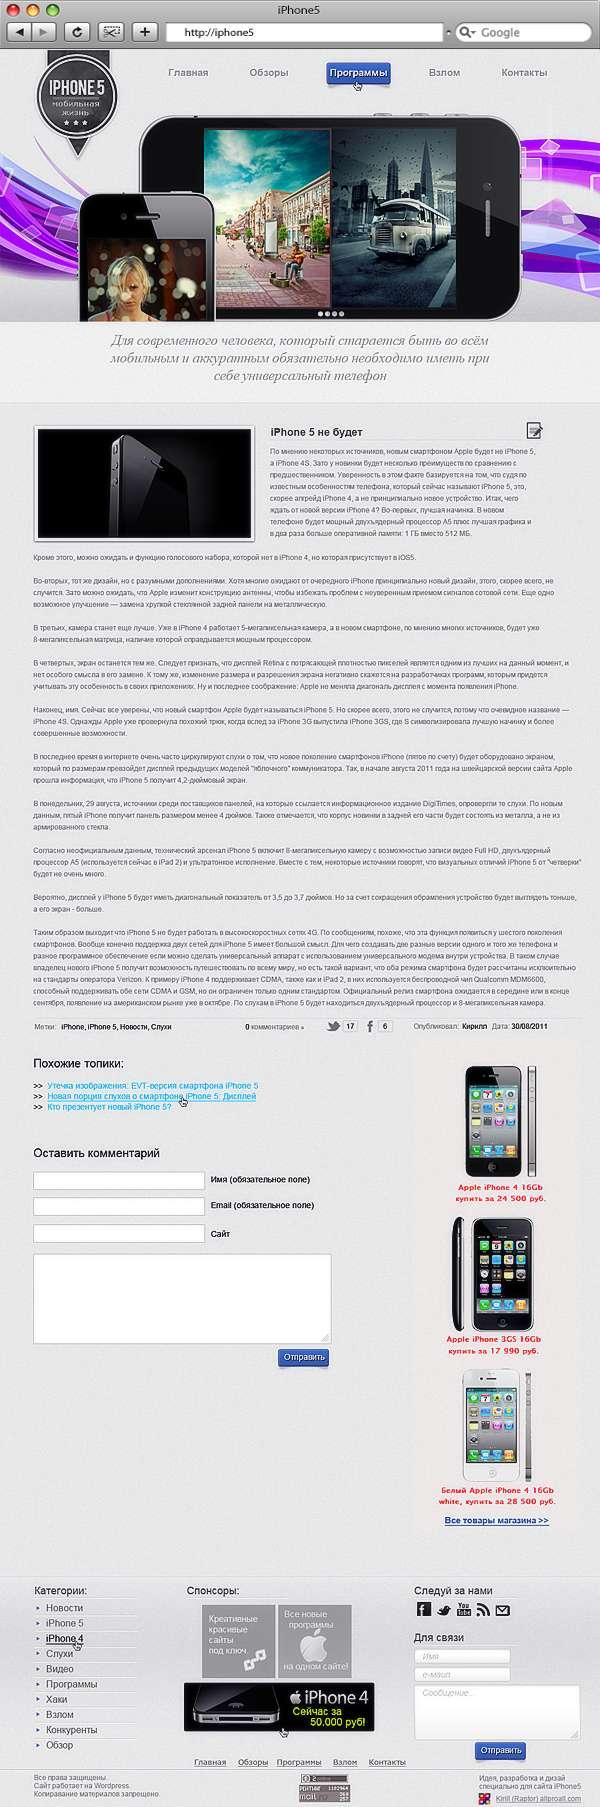 Макет: iPhone 5 внутренняя страница